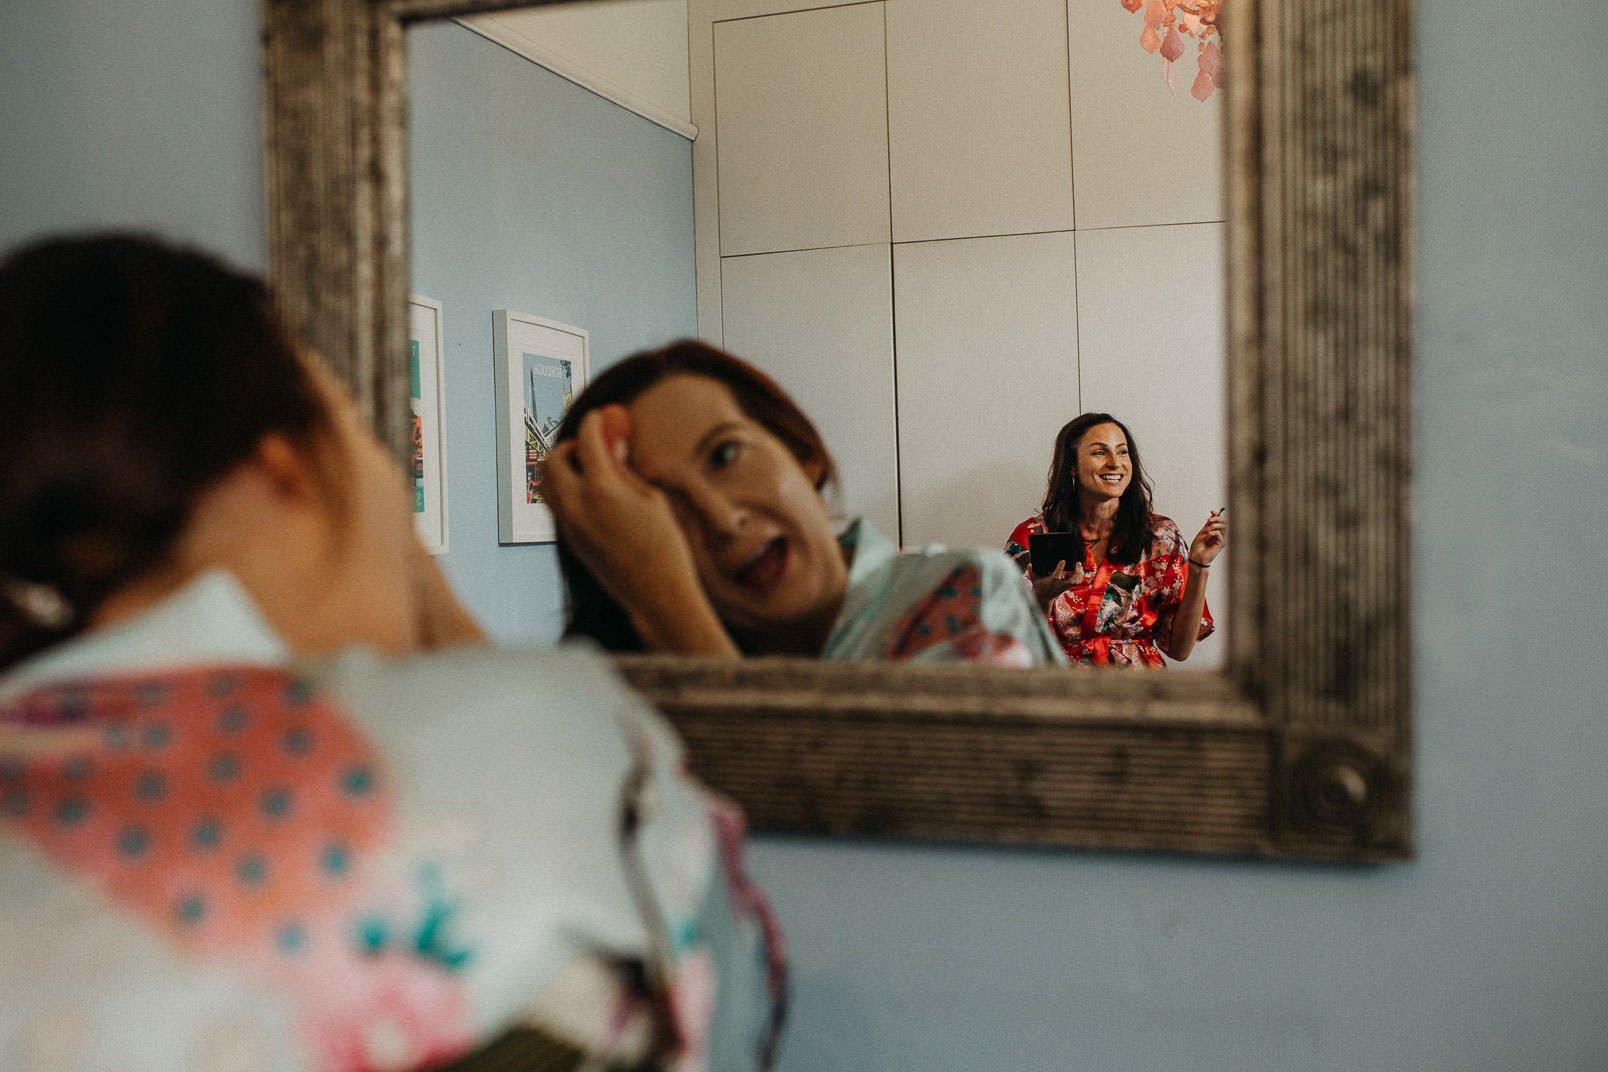 brides maid in mirror